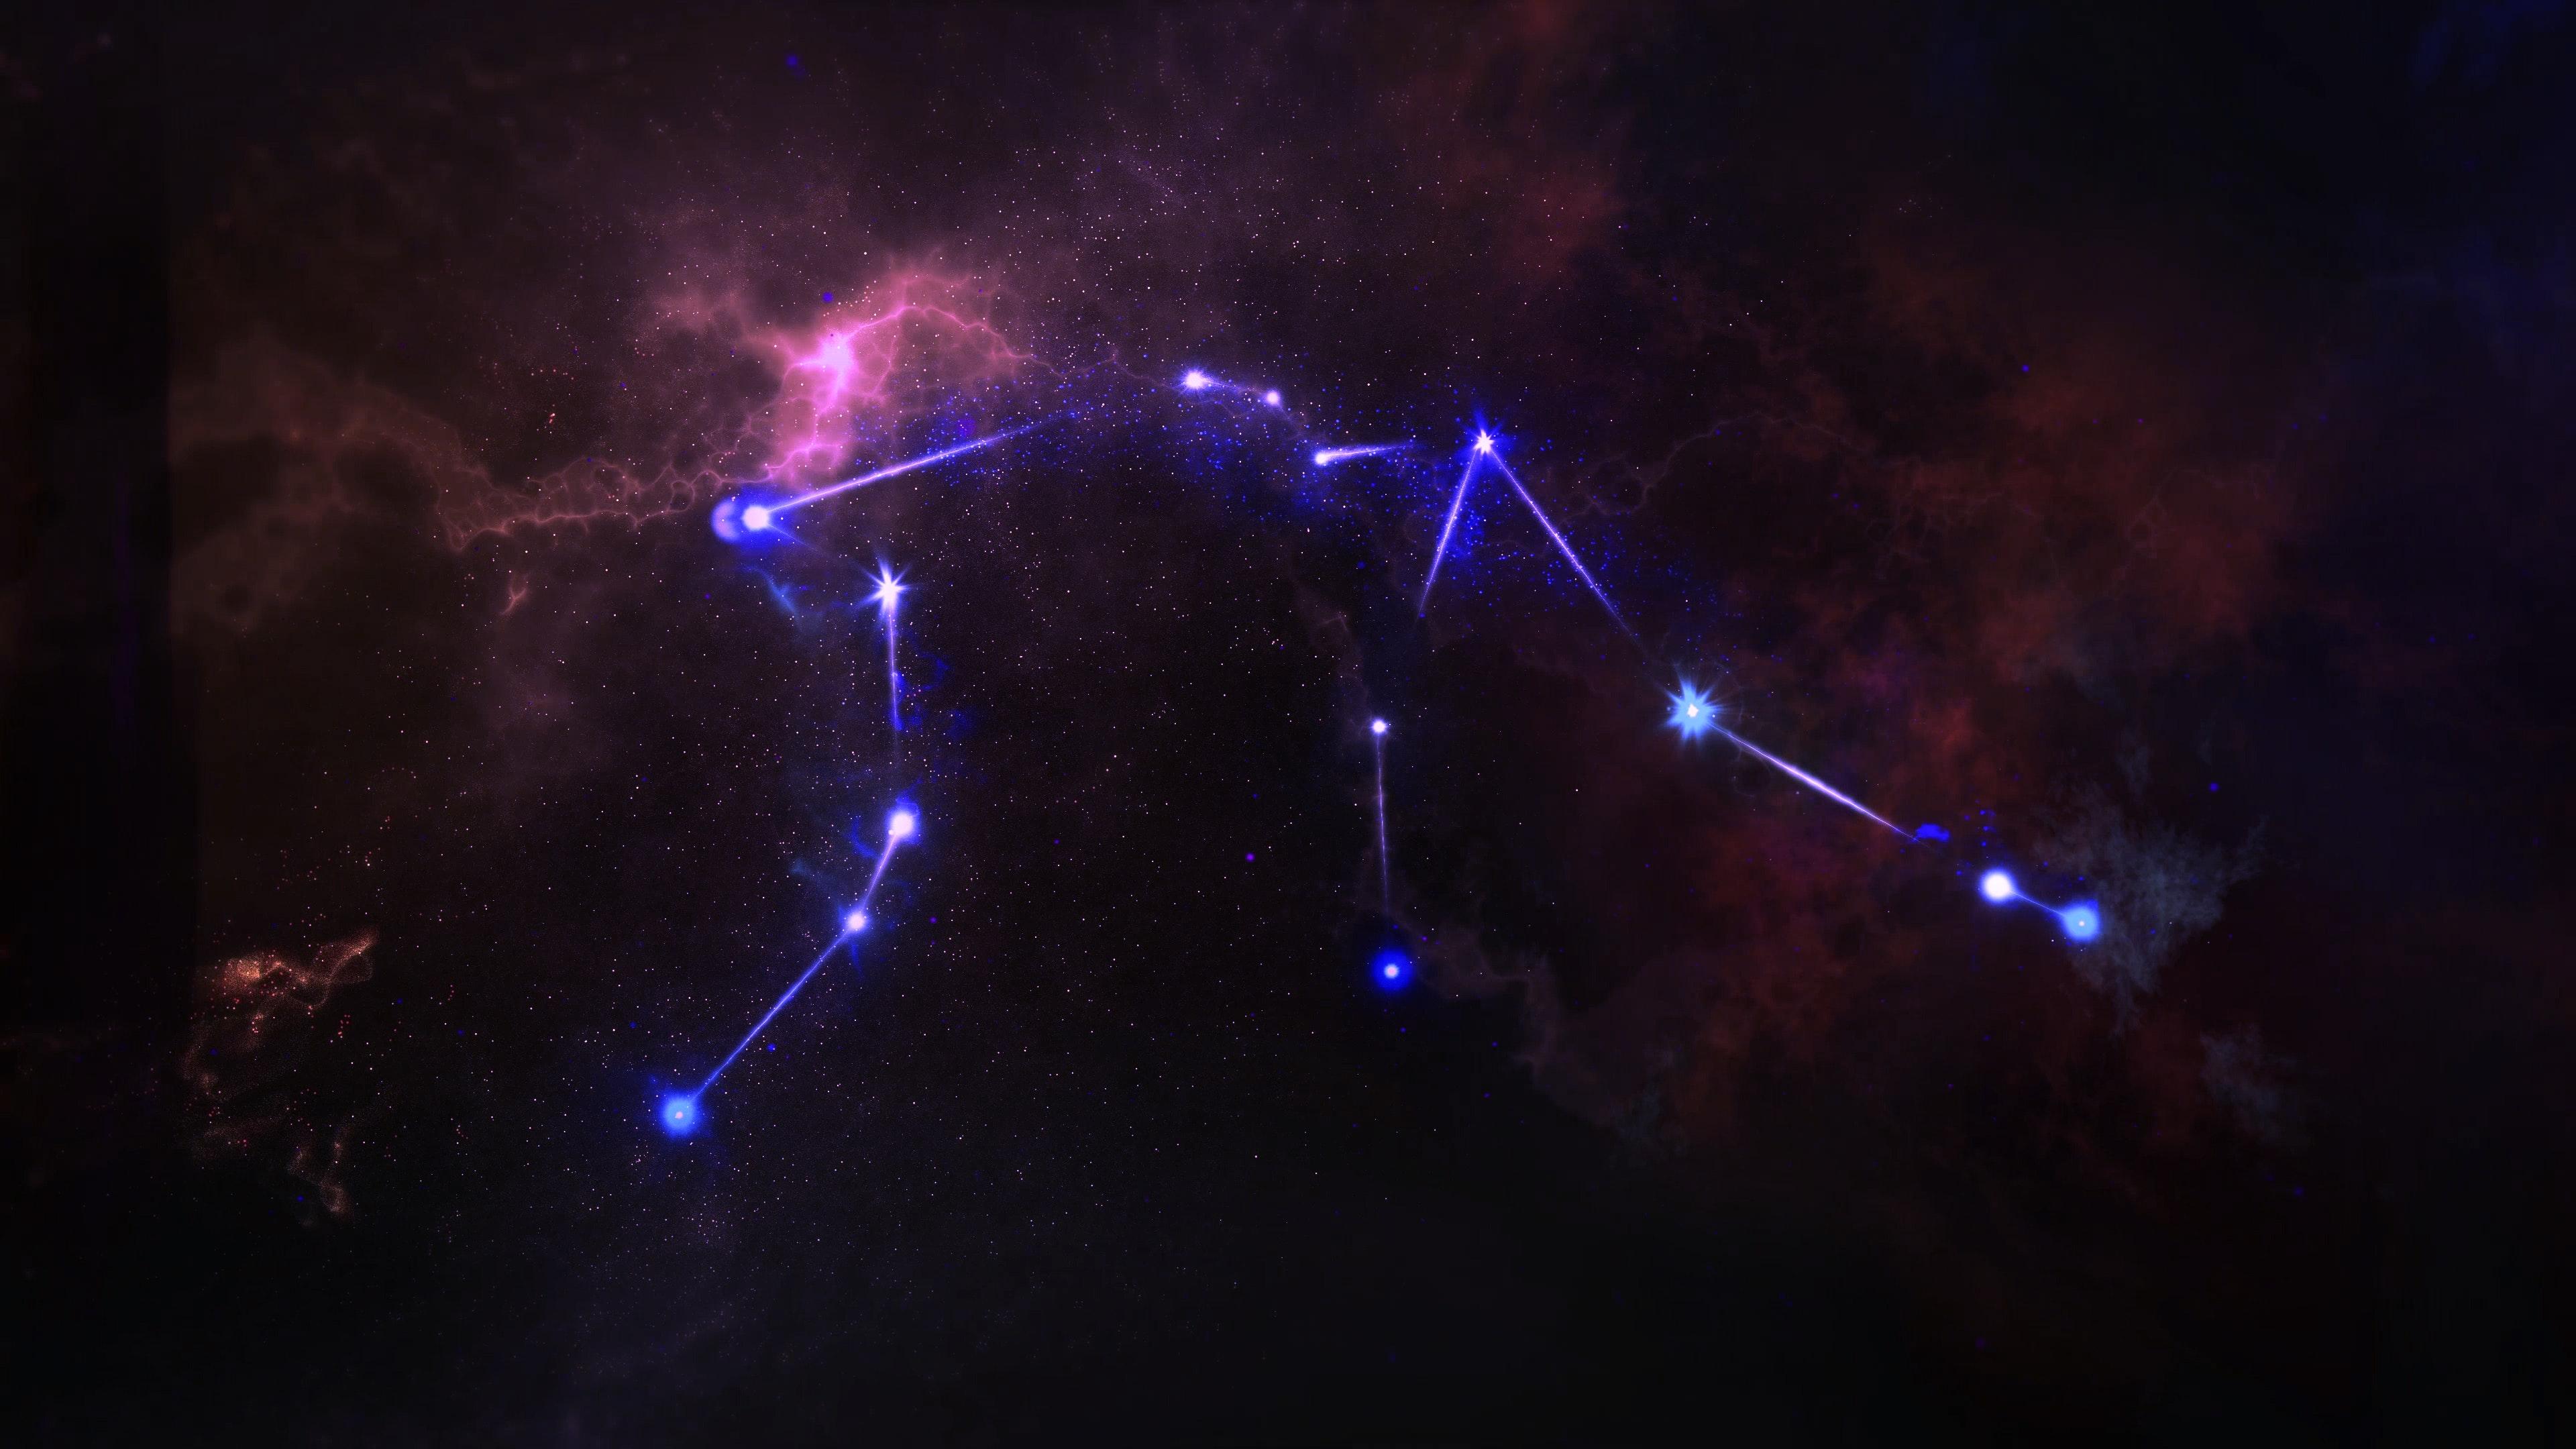 Hình ảnh chòm sao Bảo Bình cực đẹp